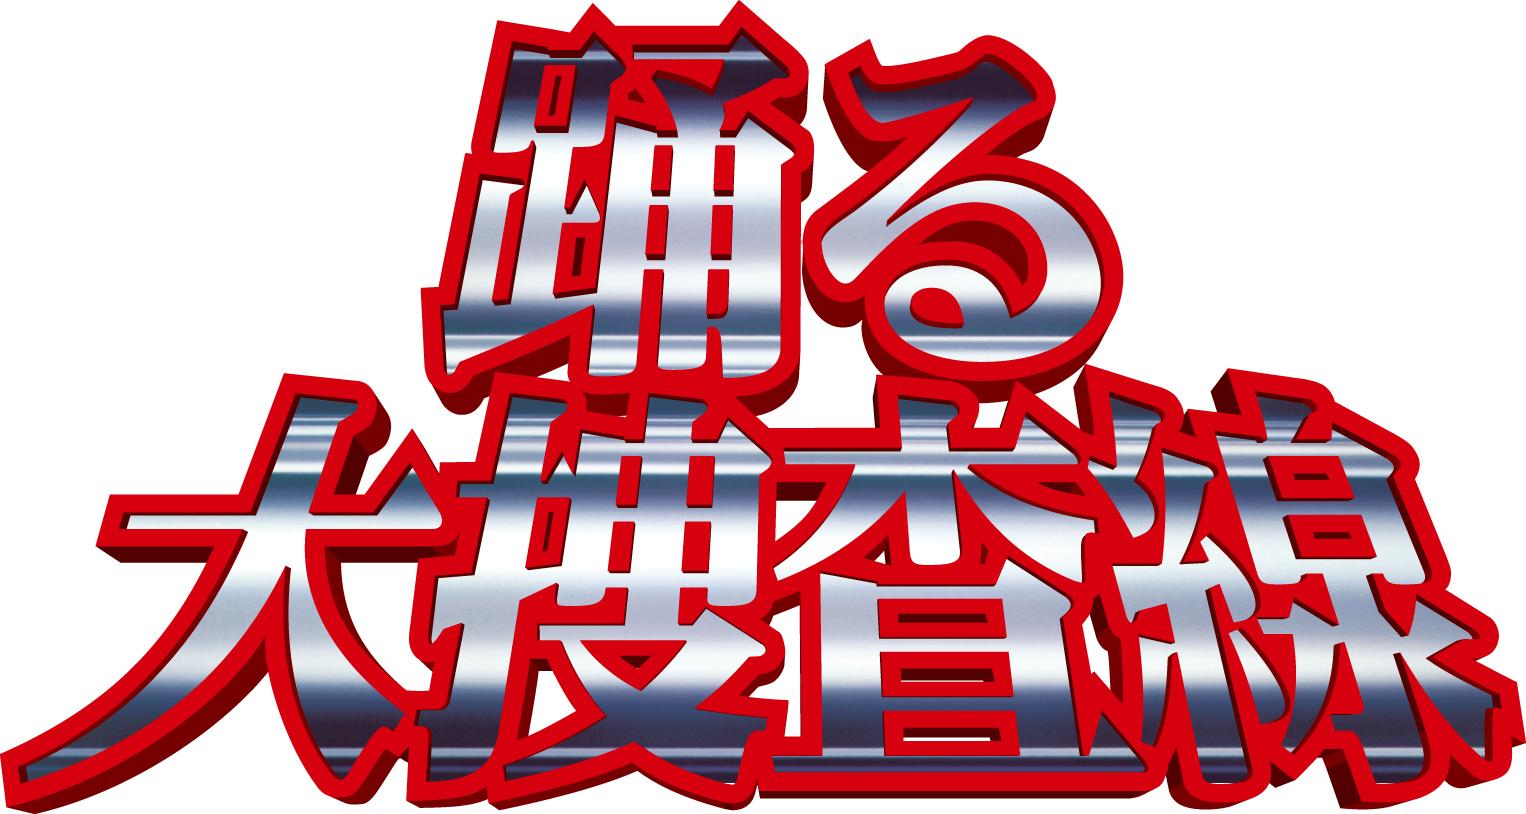 劇場最新作公開記念! 「踊る大捜査線」連続ドラマ&スペシャルドラマ2本を「ビデオマーケット」の「フジテレビオンデマンド」にてスマホ向けに配信開始!